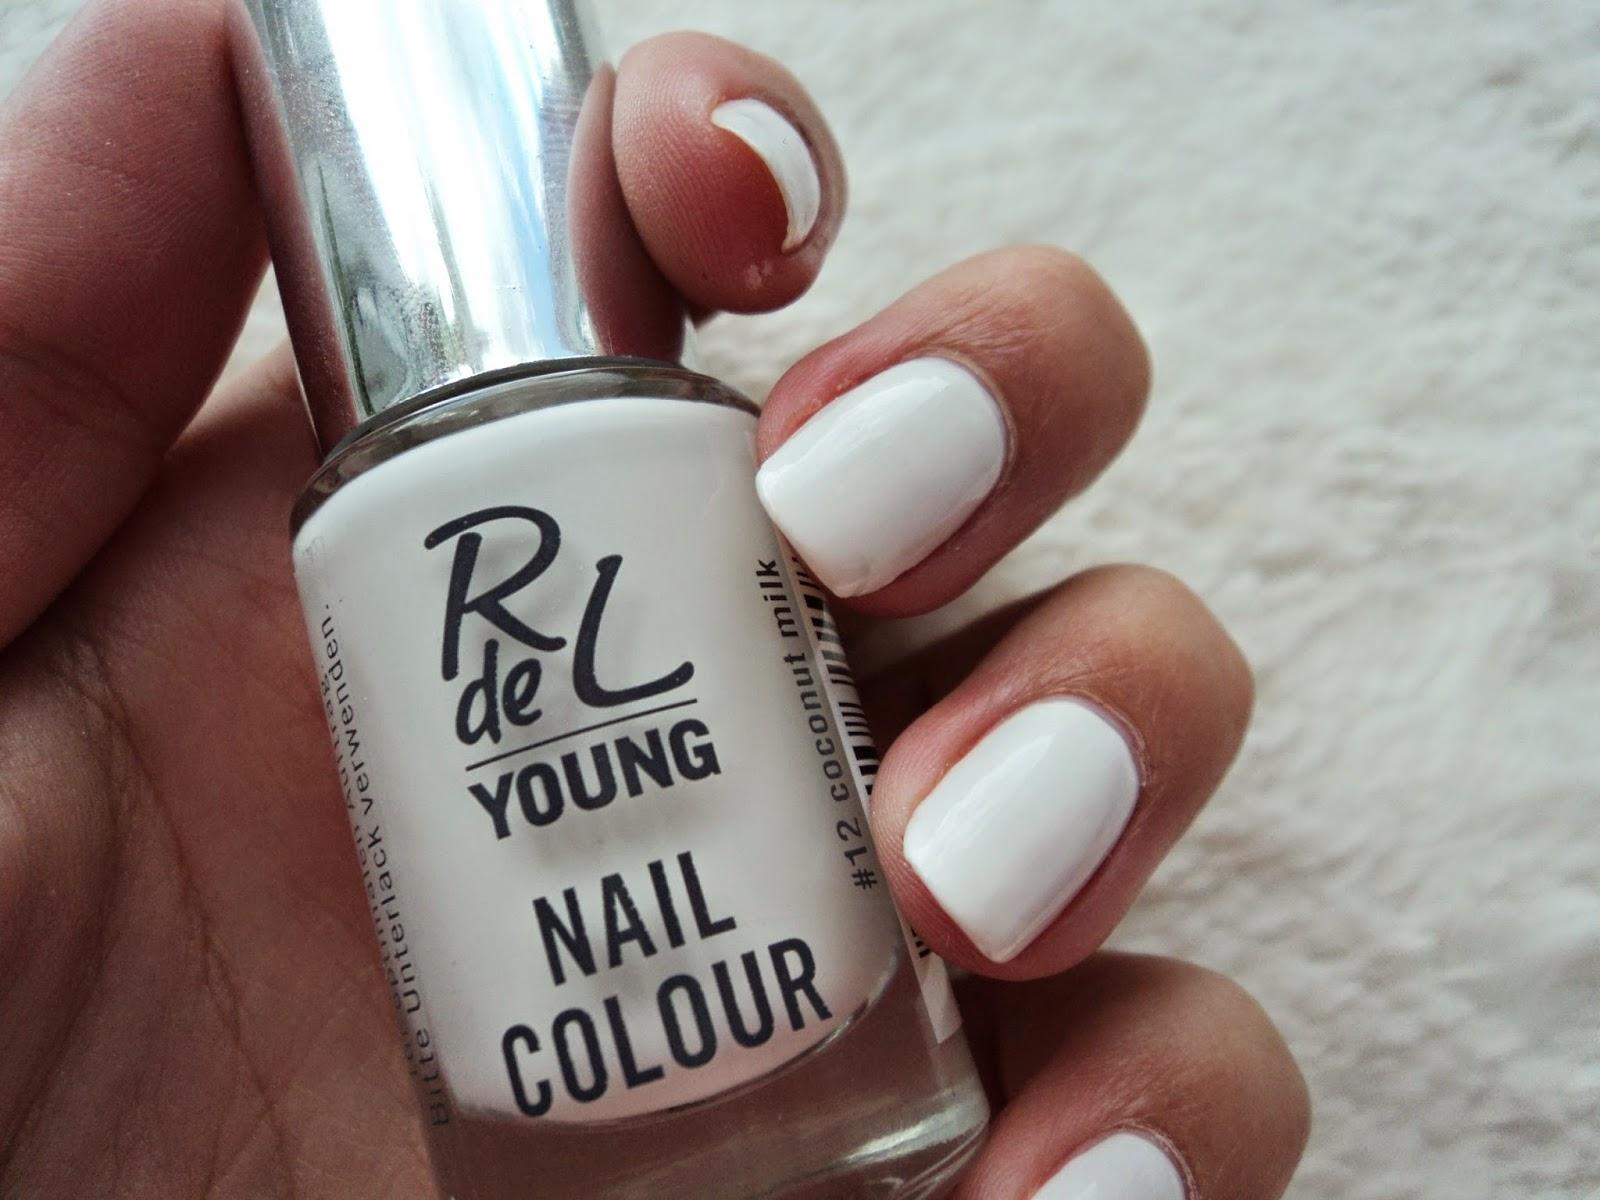 Lara Loretta ♥: weißer nagellack (: